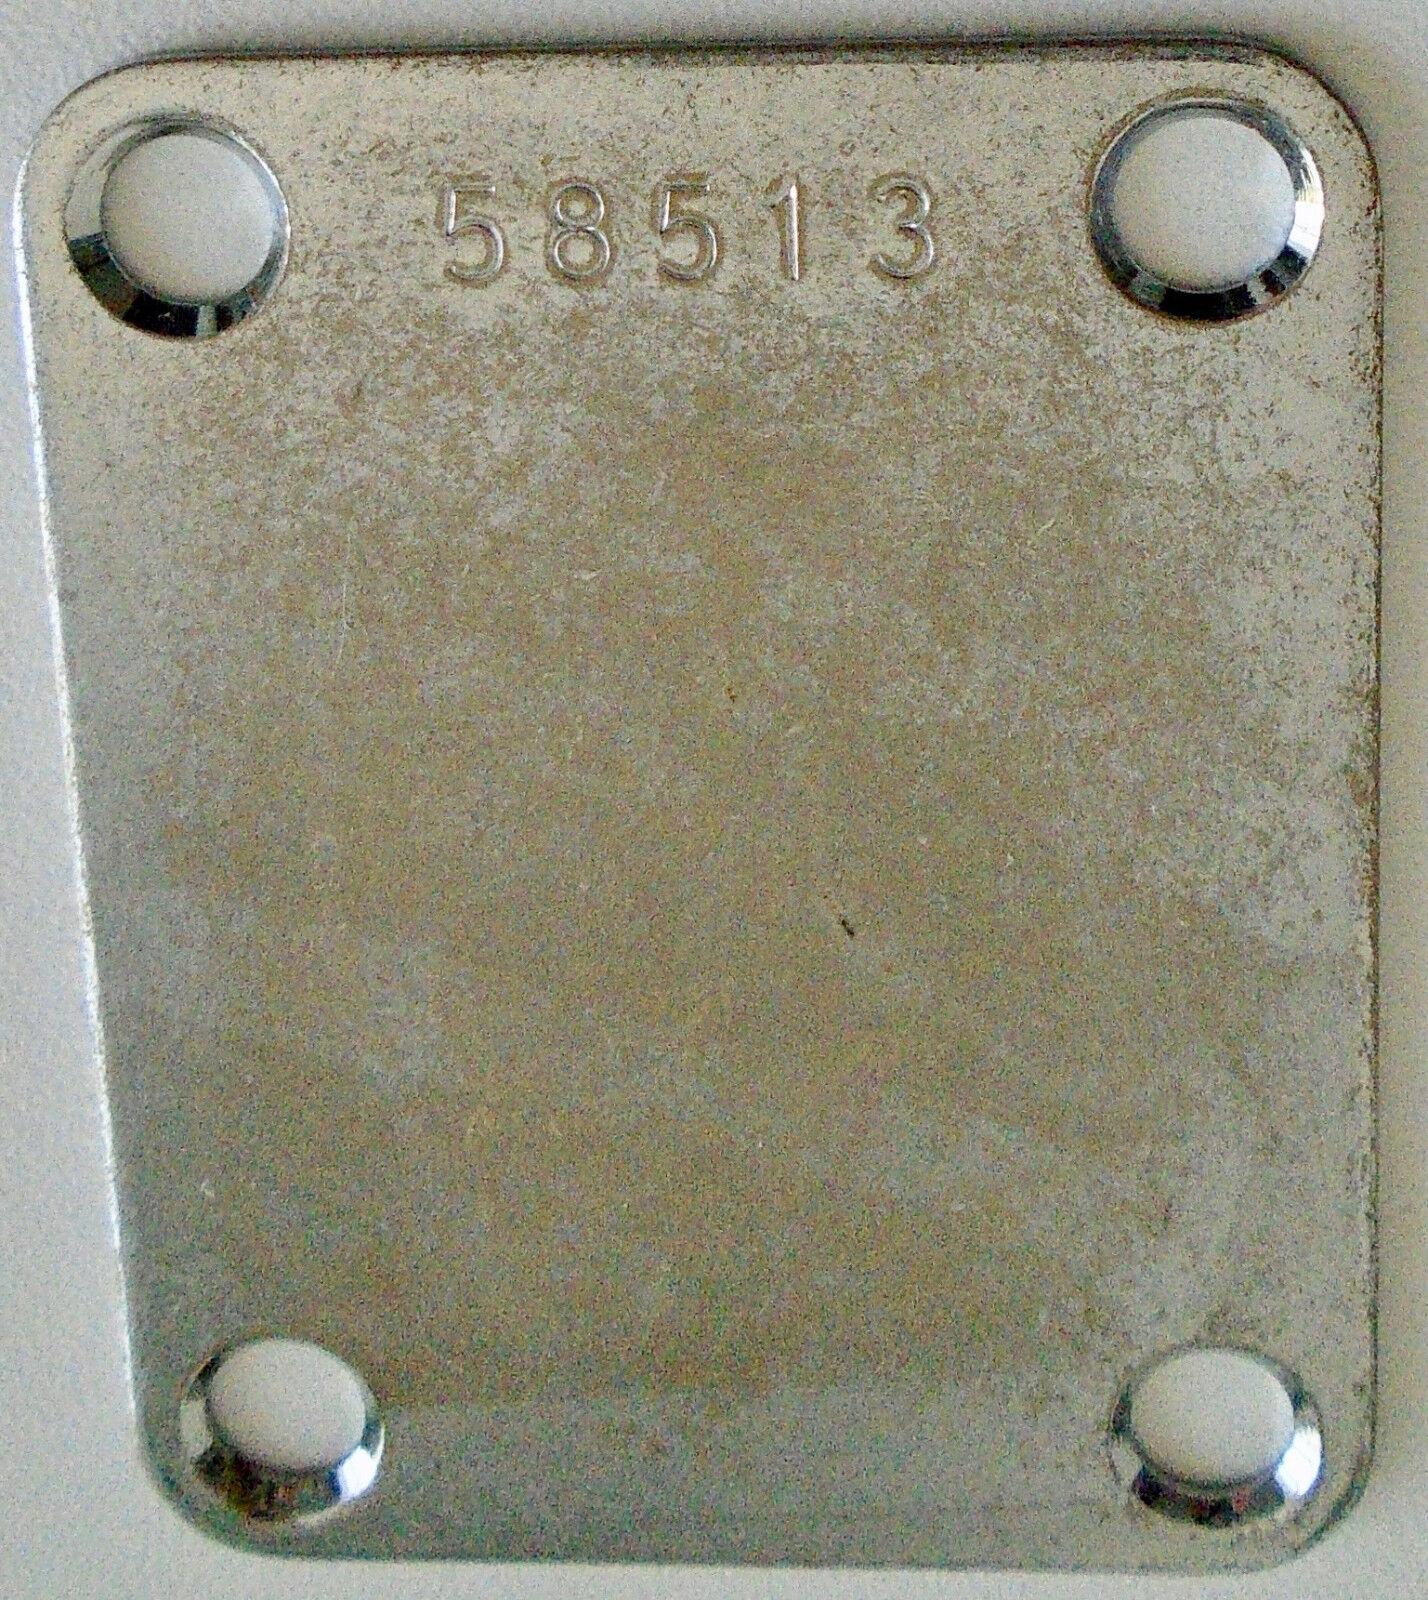 Hals Flach Vintage Serial Number 58513 - Distress - für Gitarre oder Bass